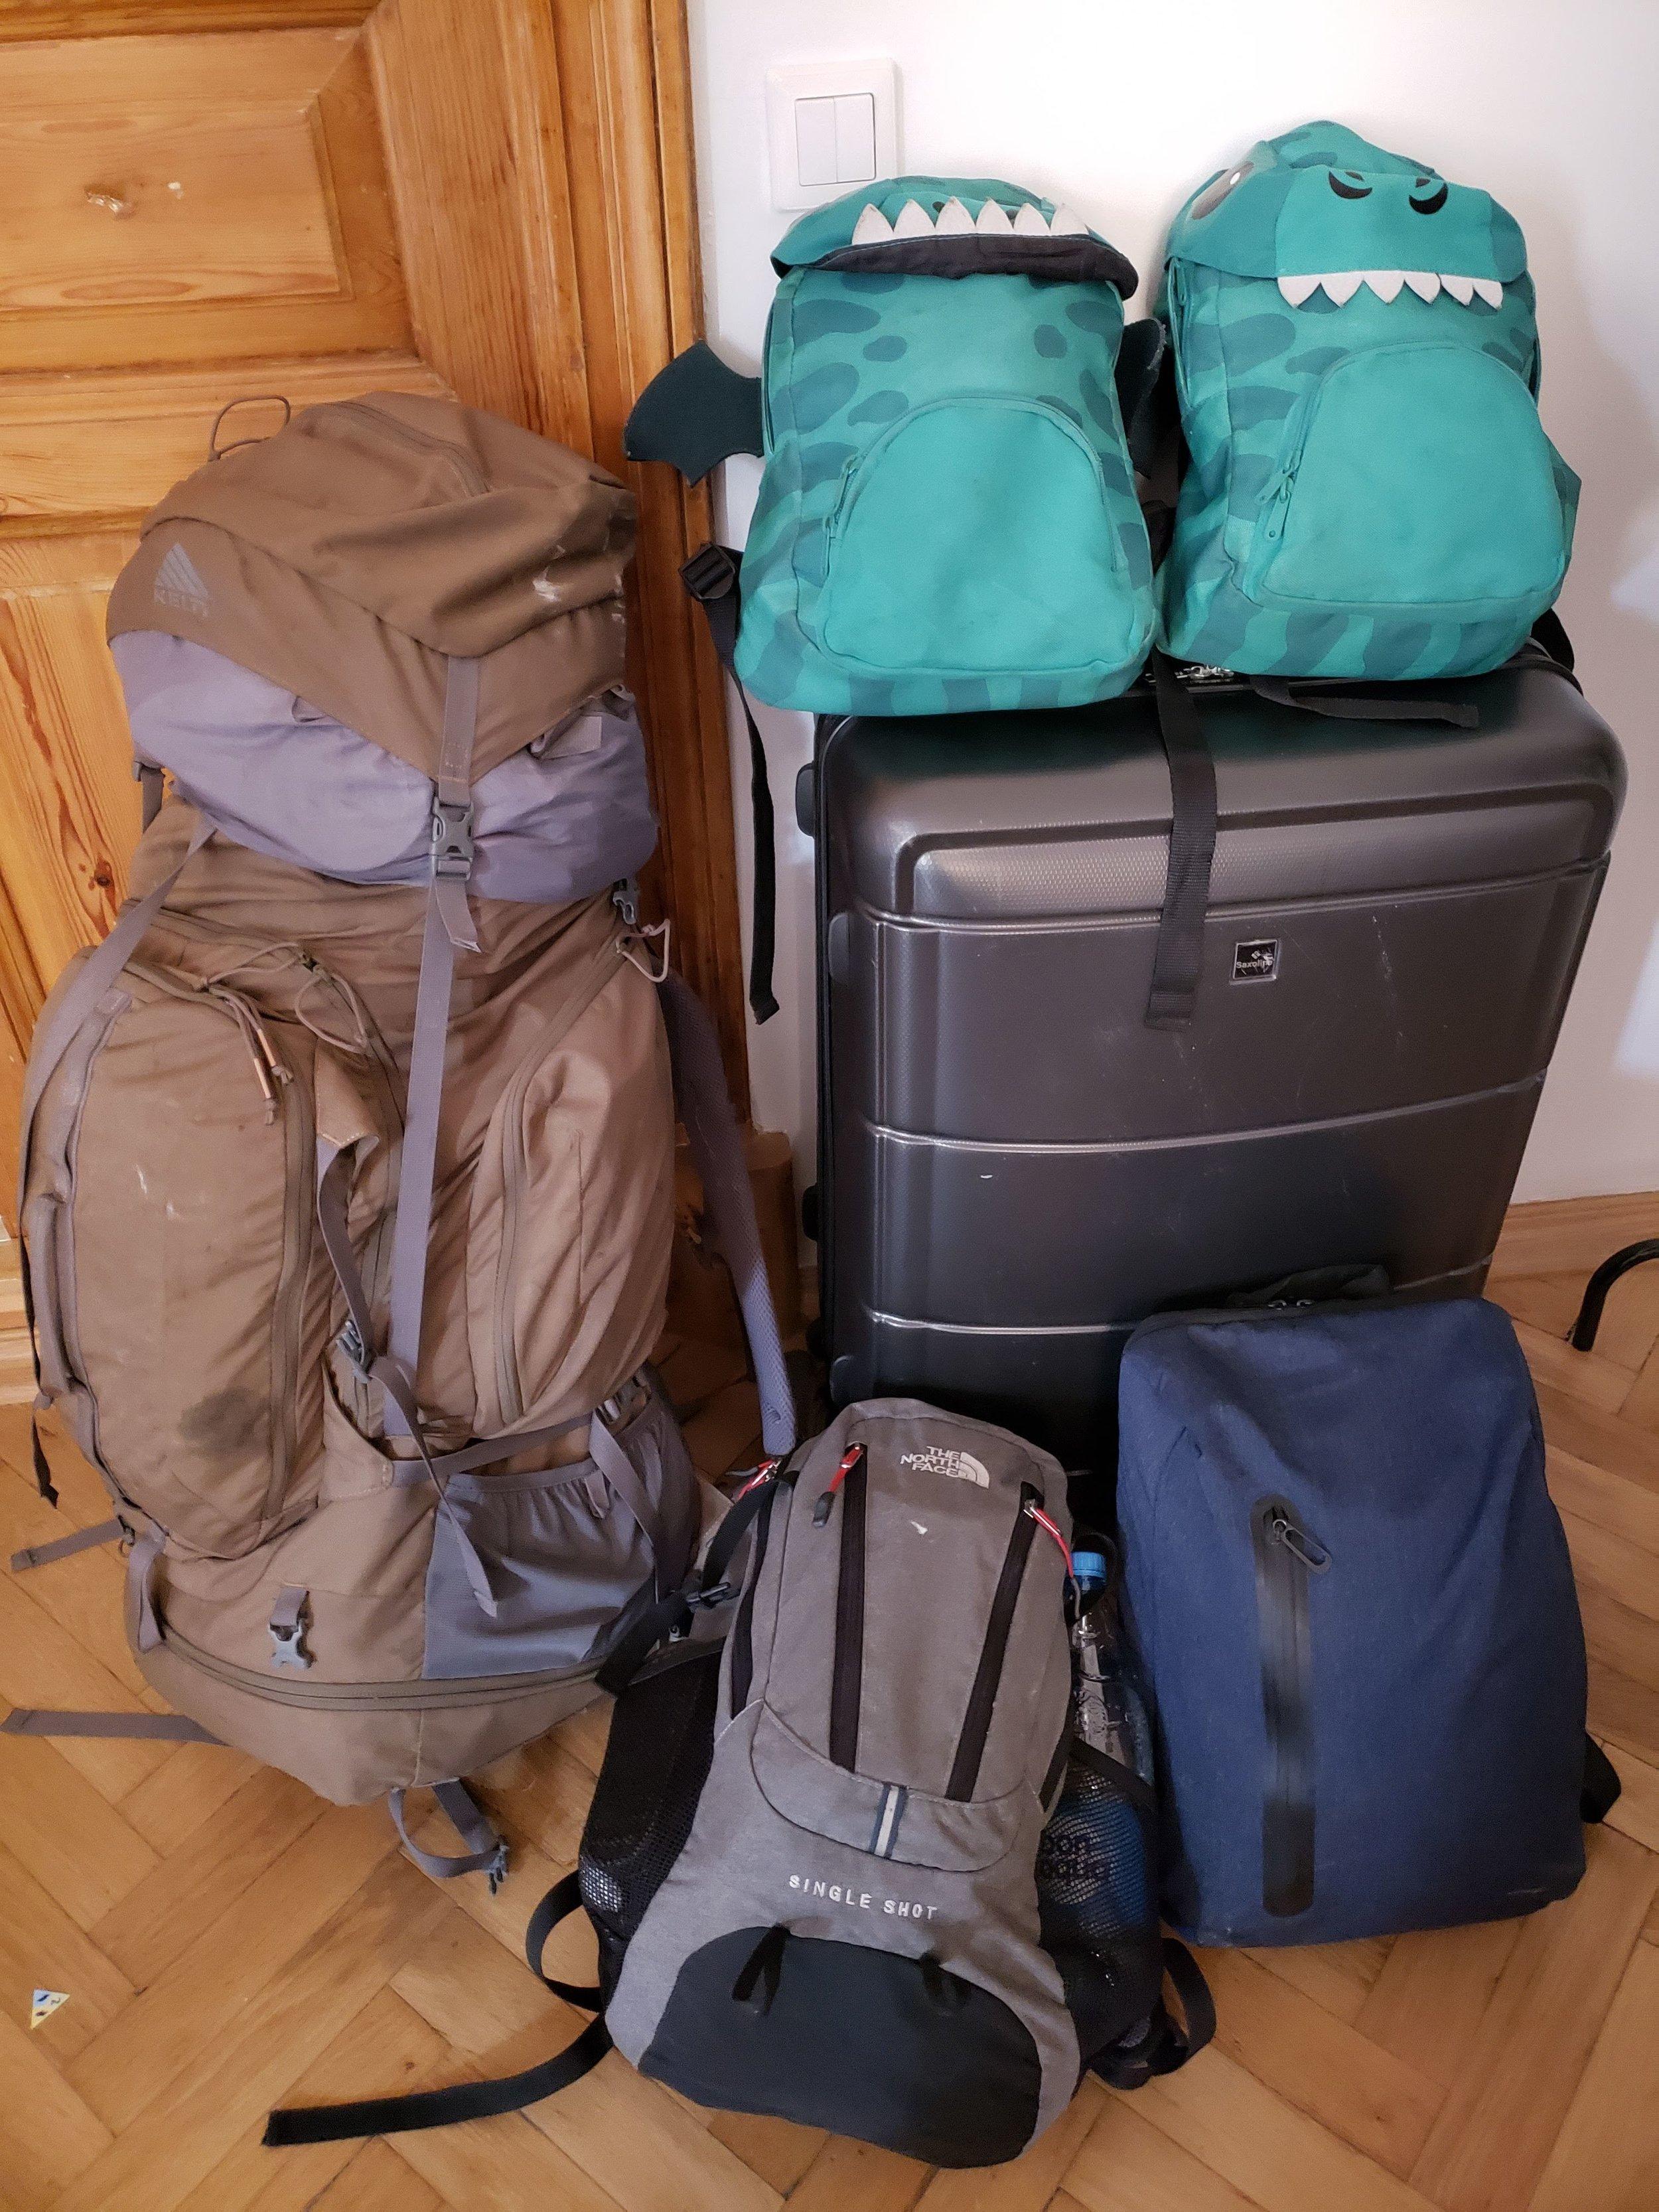 Malas grandes com 23Kg cada e mochilas de mão com 5 Kg, cada. As 2 mochilinhas das crianças pesam 5Kg, juntas.